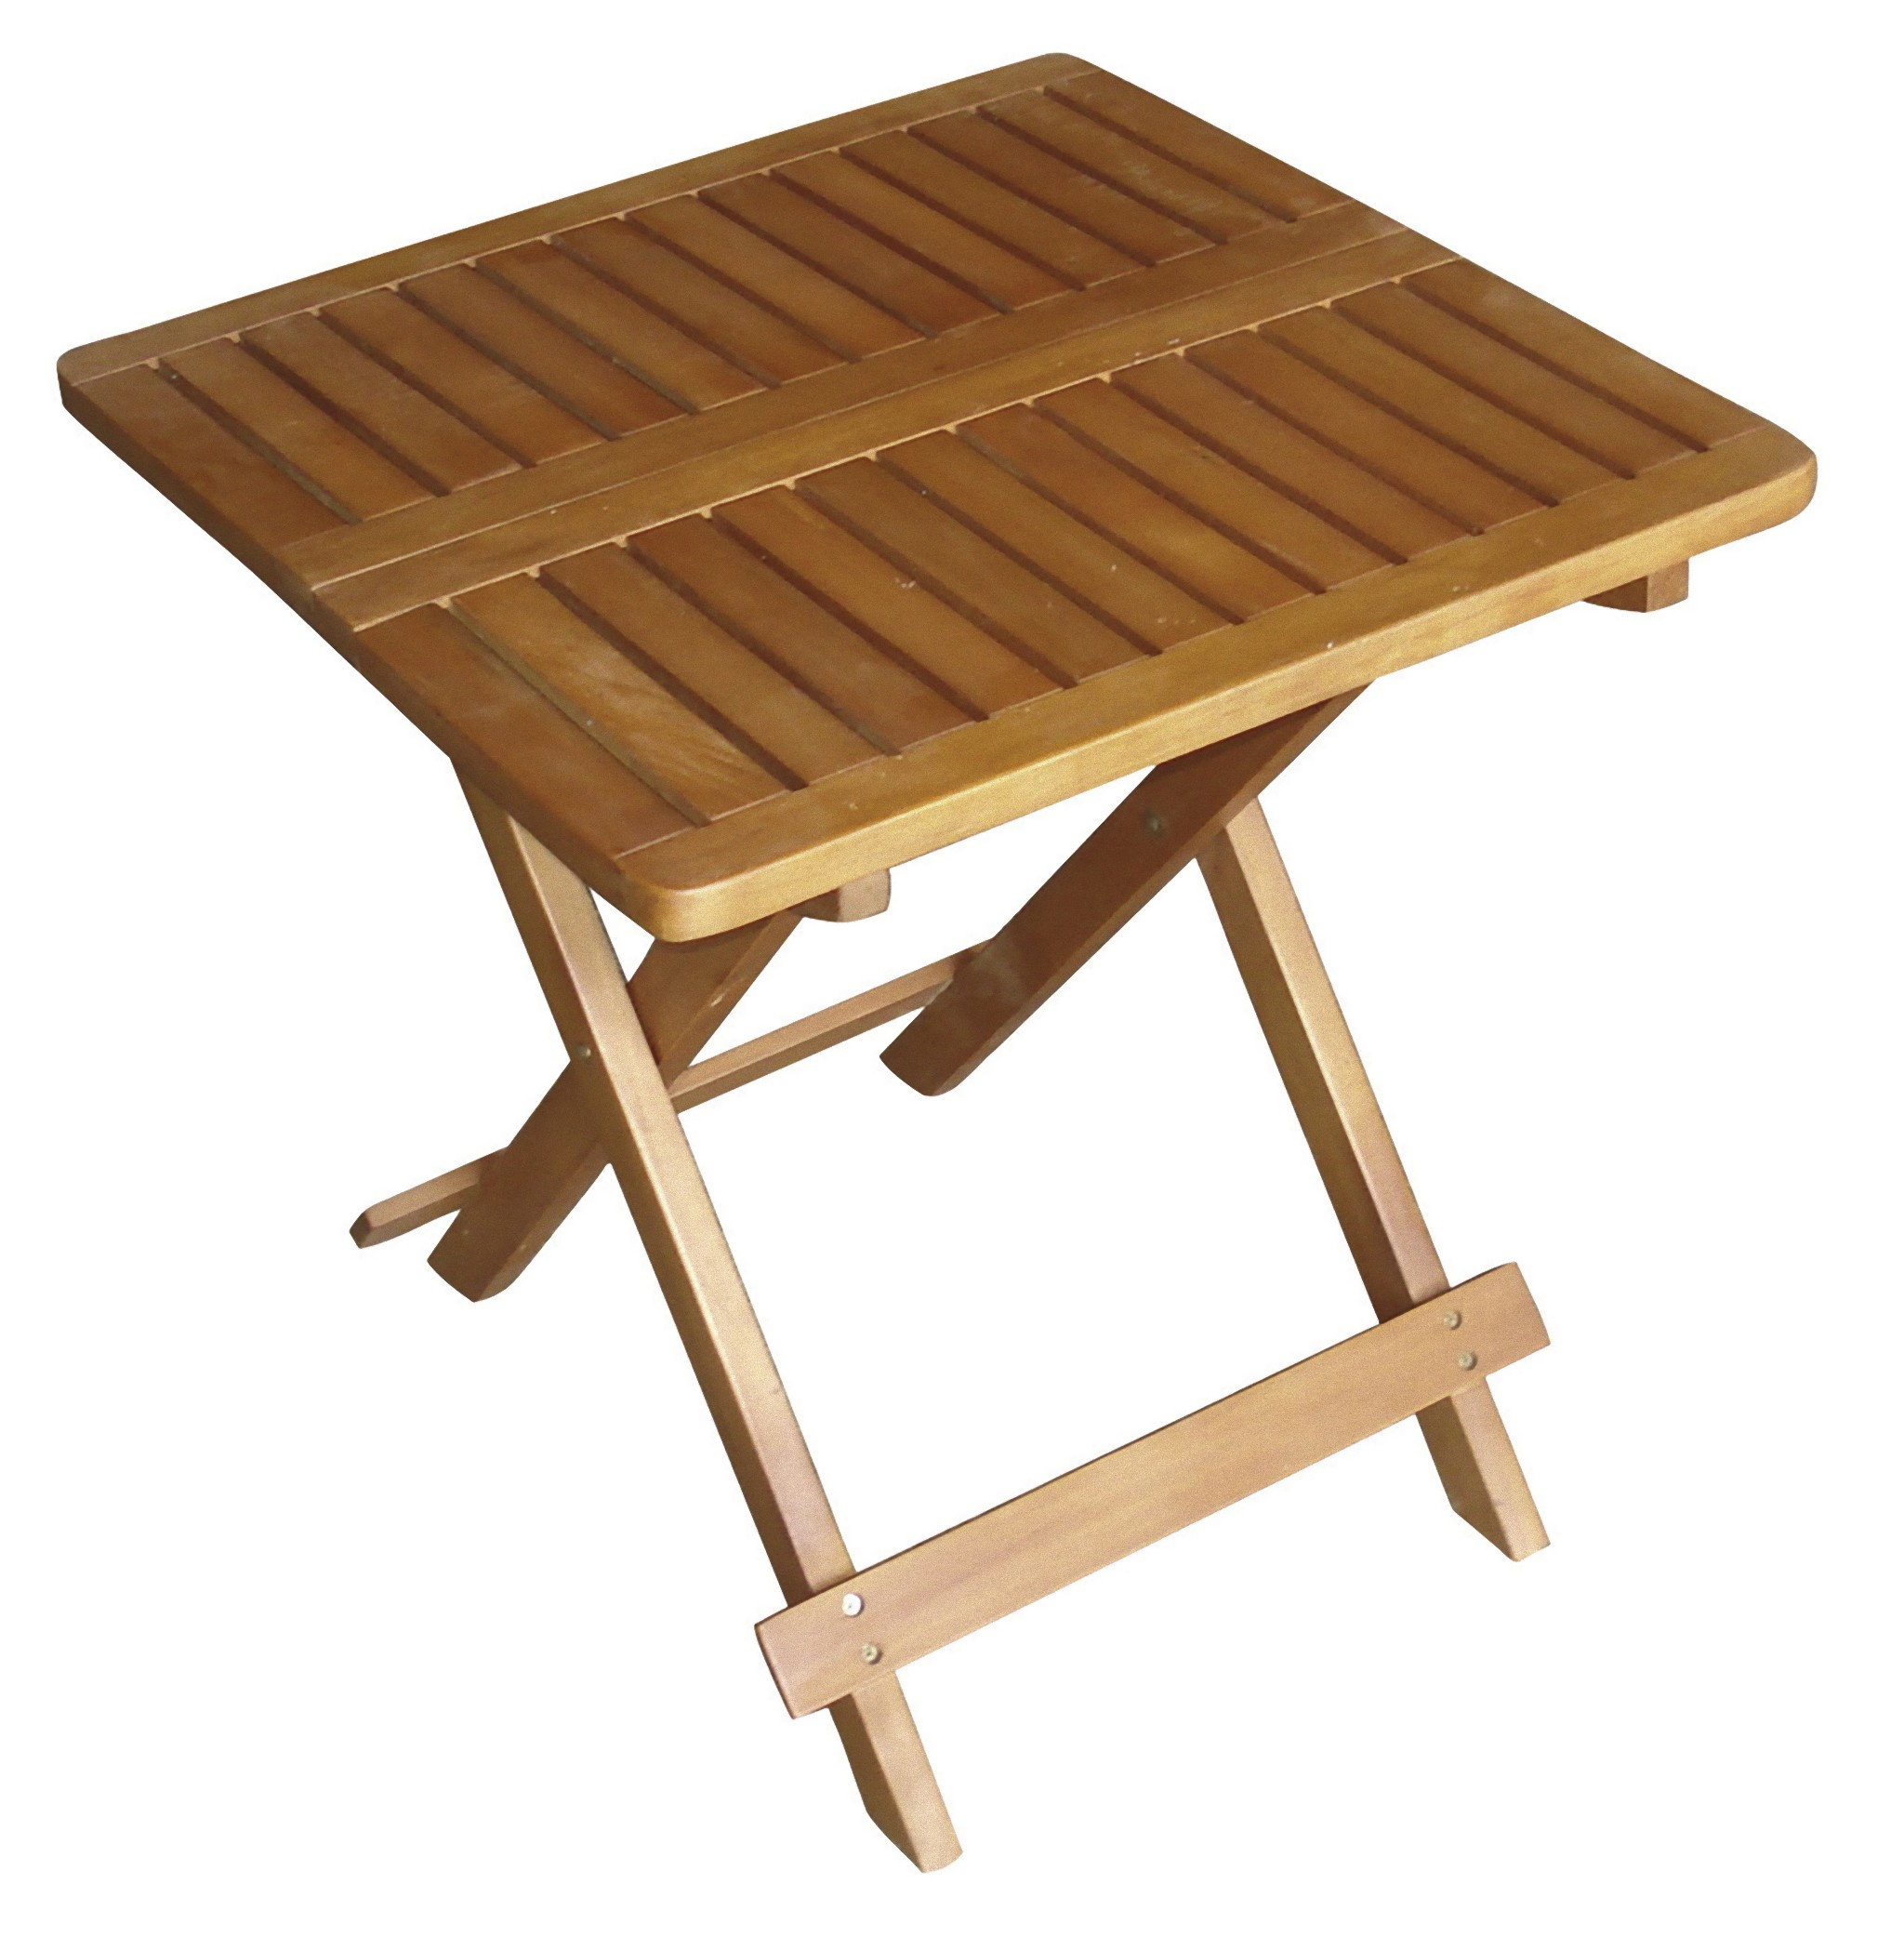 Full Size of Garten Beistelltisch Akazie Klappbar Holz Tisch Klapptisch Stapelstühle Schlafzimmer Massivholz Relaxsessel Leuchtkugel Schallschutz Essgruppe Trennwände Wohnzimmer Garten Beistelltisch Holz